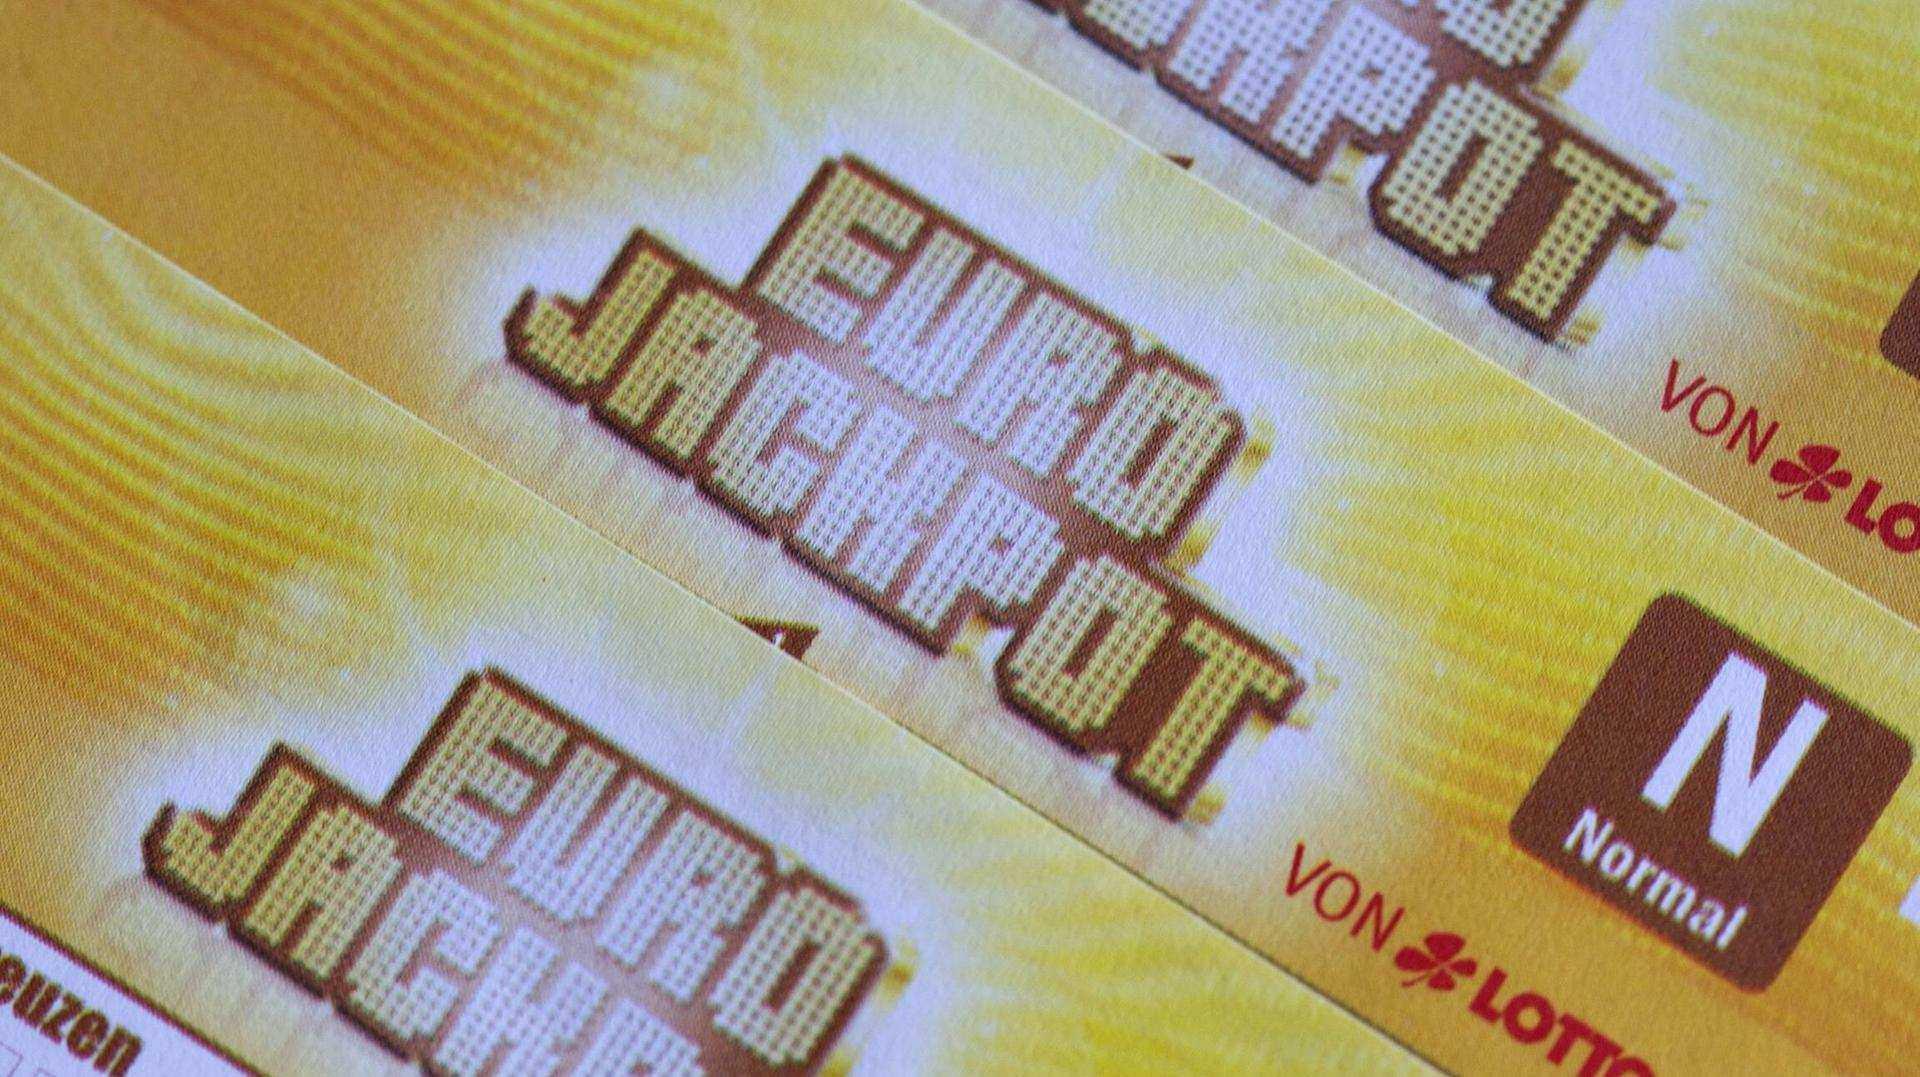 Eurojackpot am freitag, 11.09.2020: aktuelle gewinnzahlen & quoten